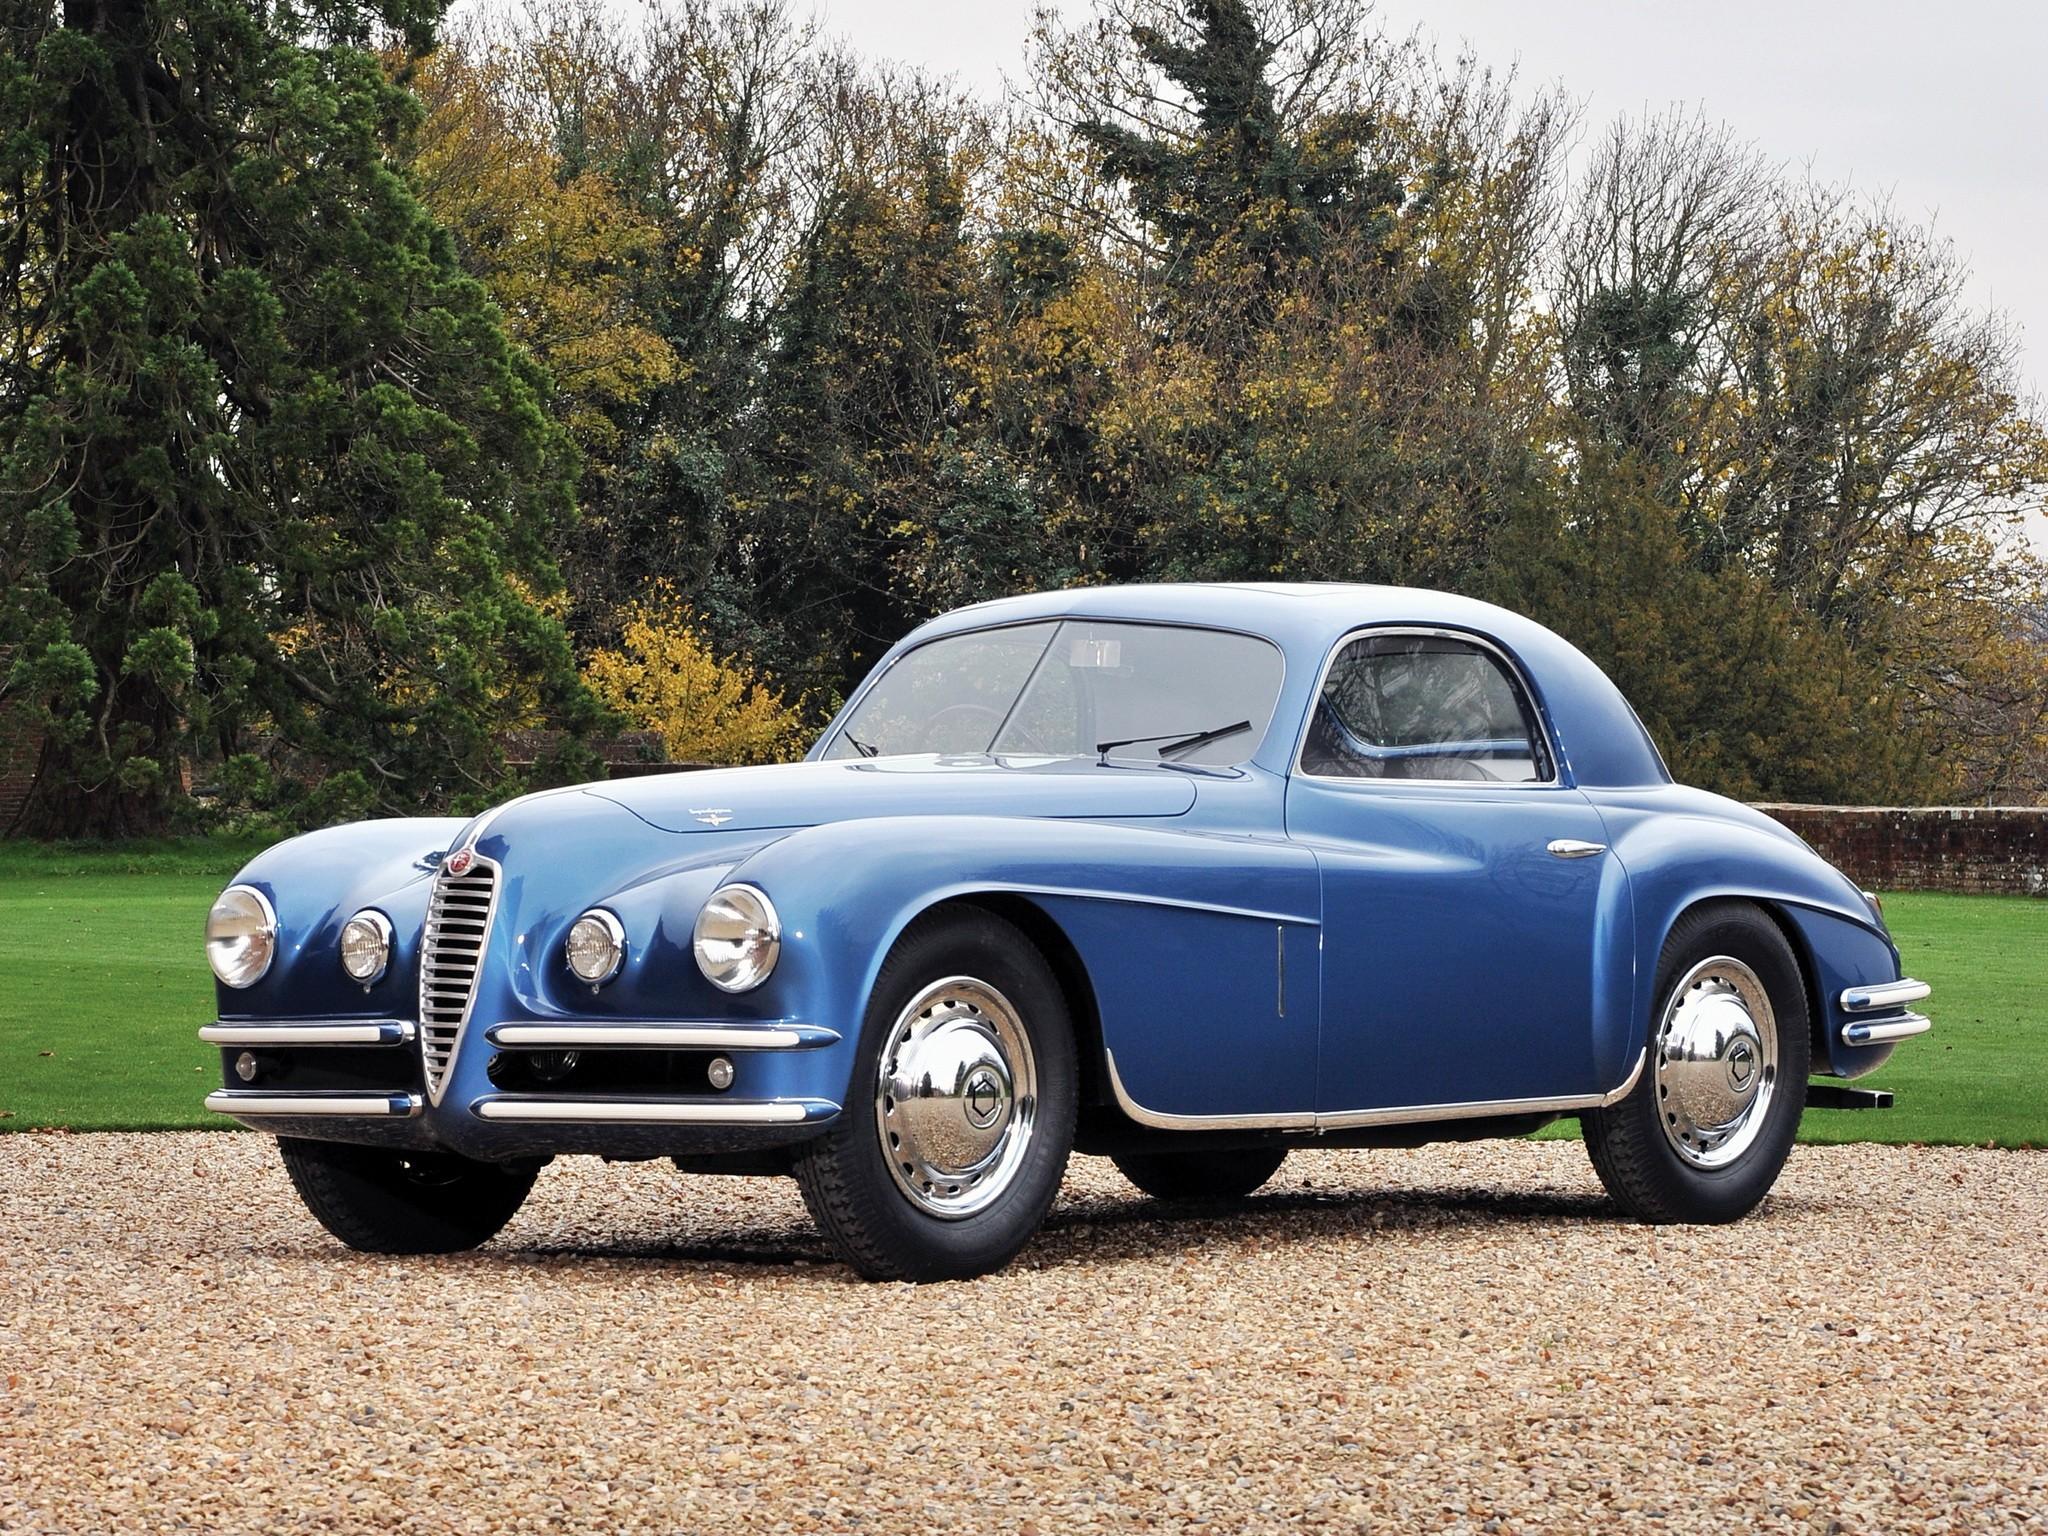 Alfa romeo spider classic cars 13